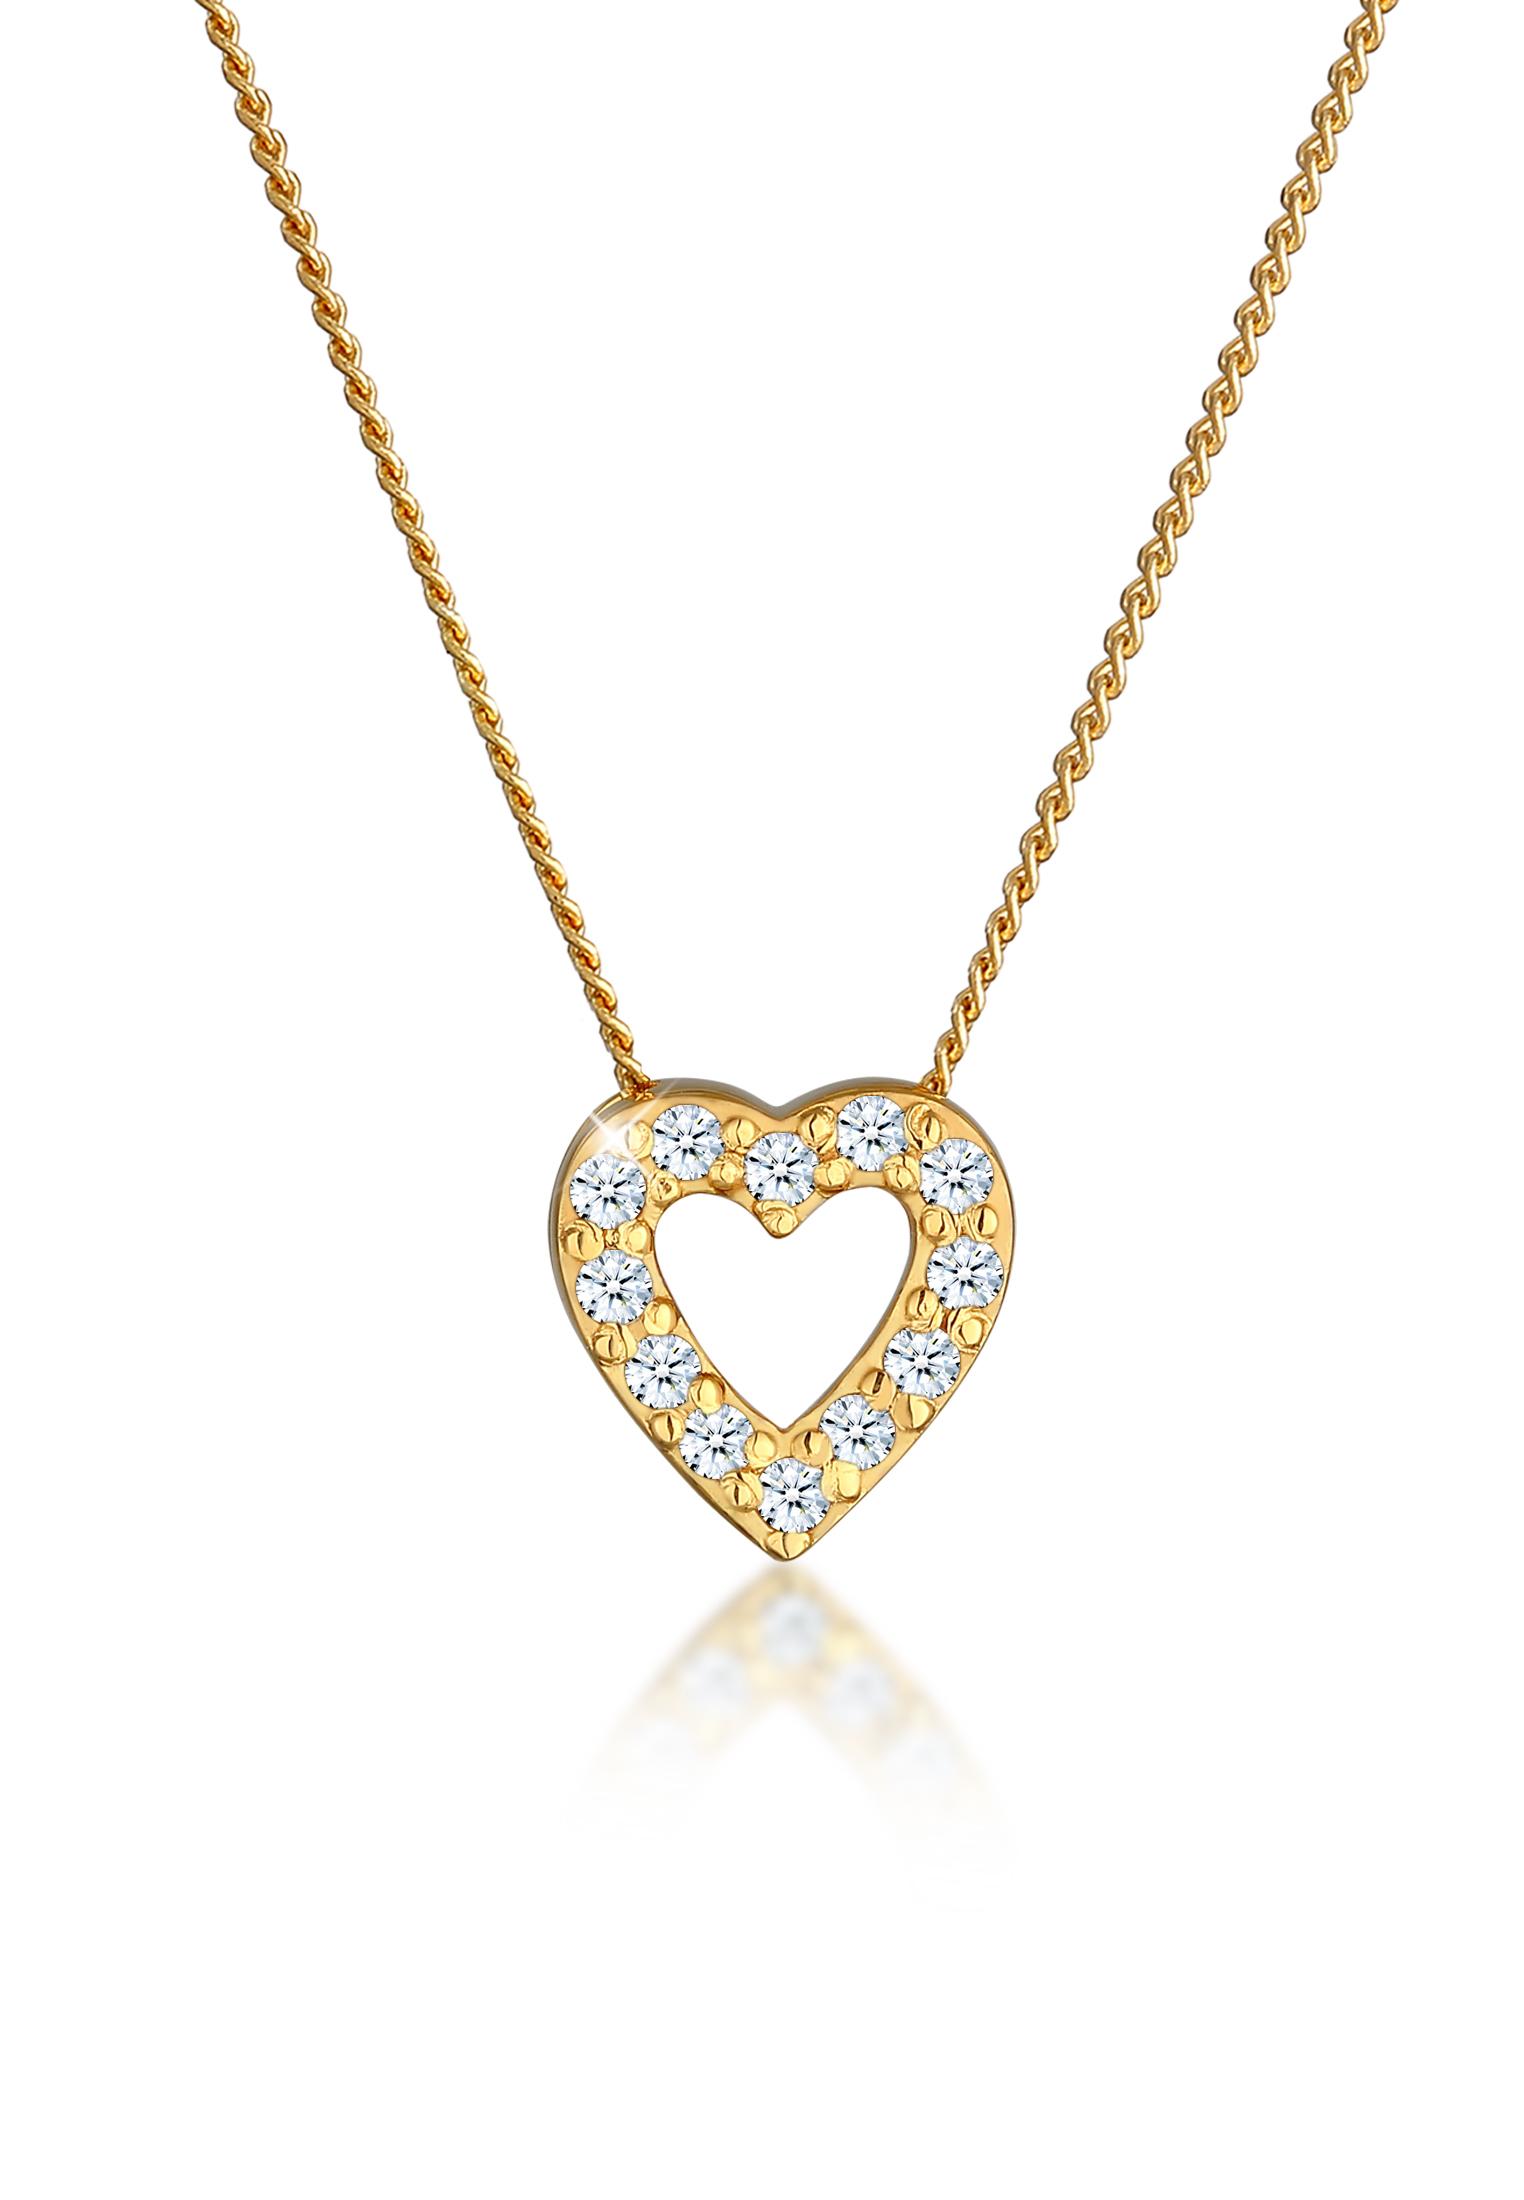 Halskette Herz   Diamant ( Weiß, 0,18 ct )   585 Gelbgold